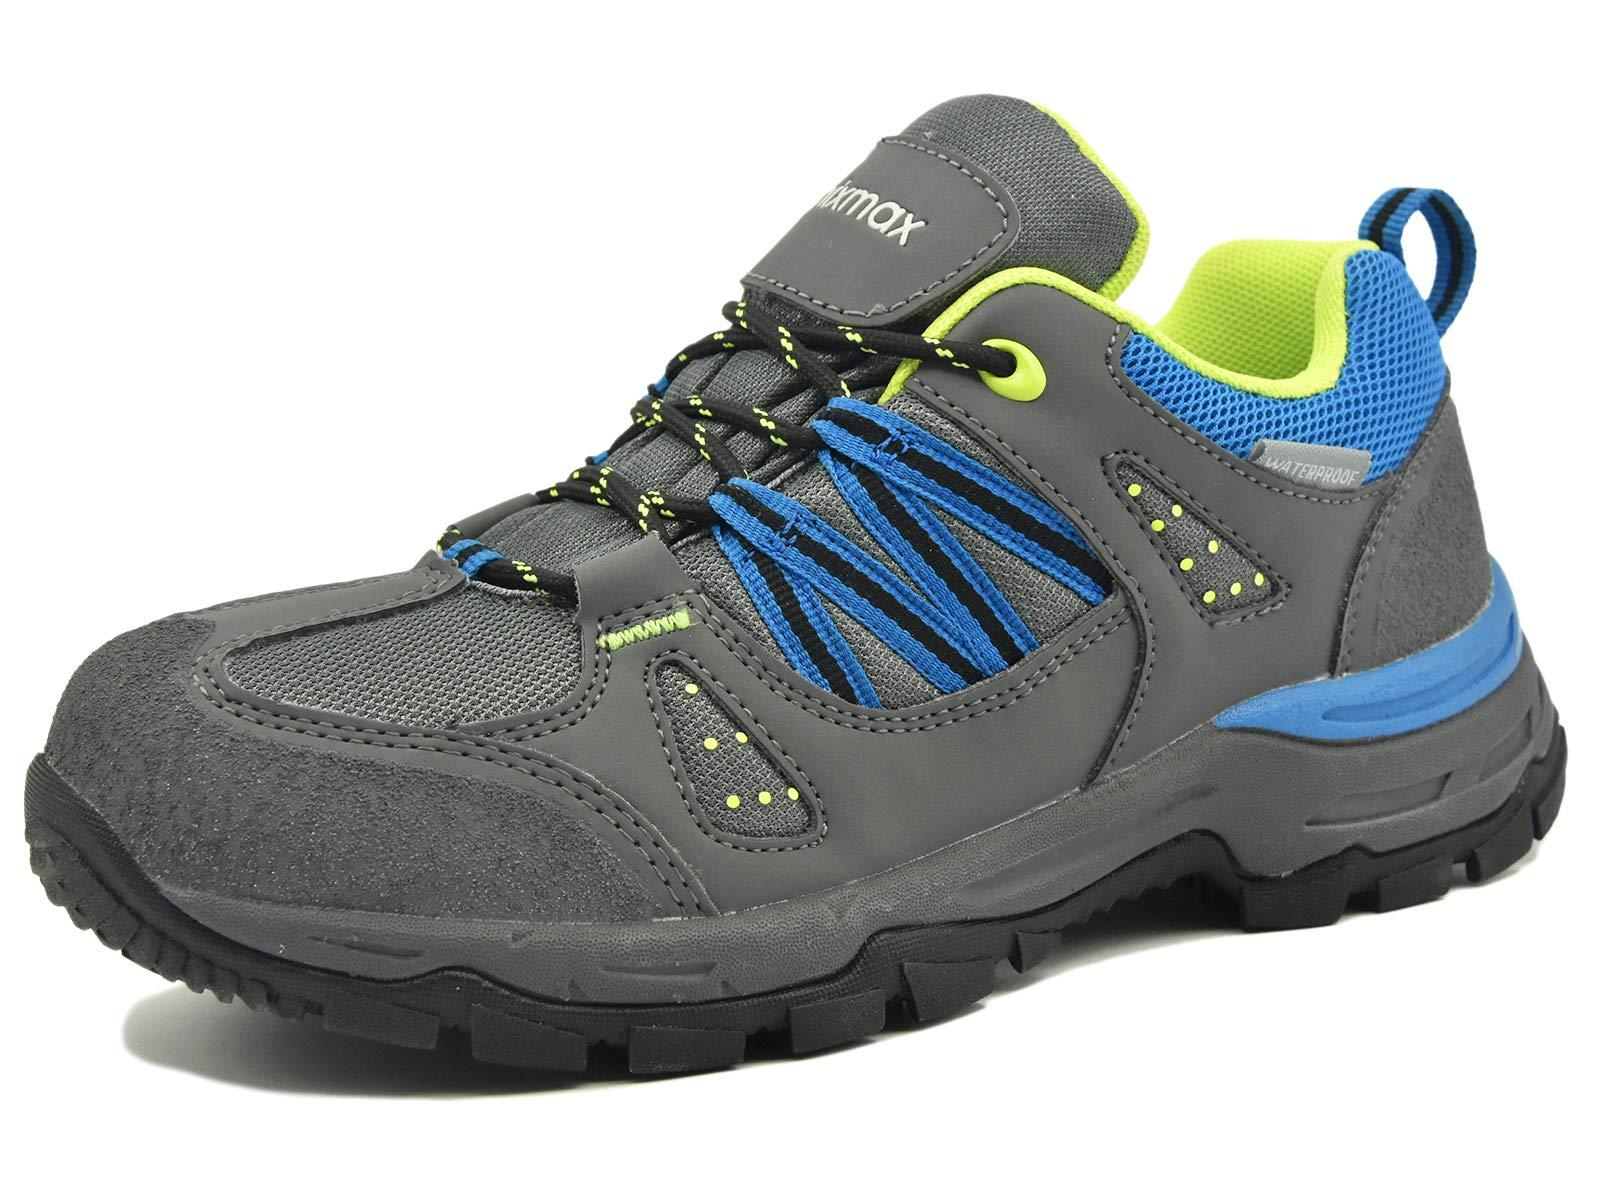 Knixmax Women's Waterproof Hiking Shoes